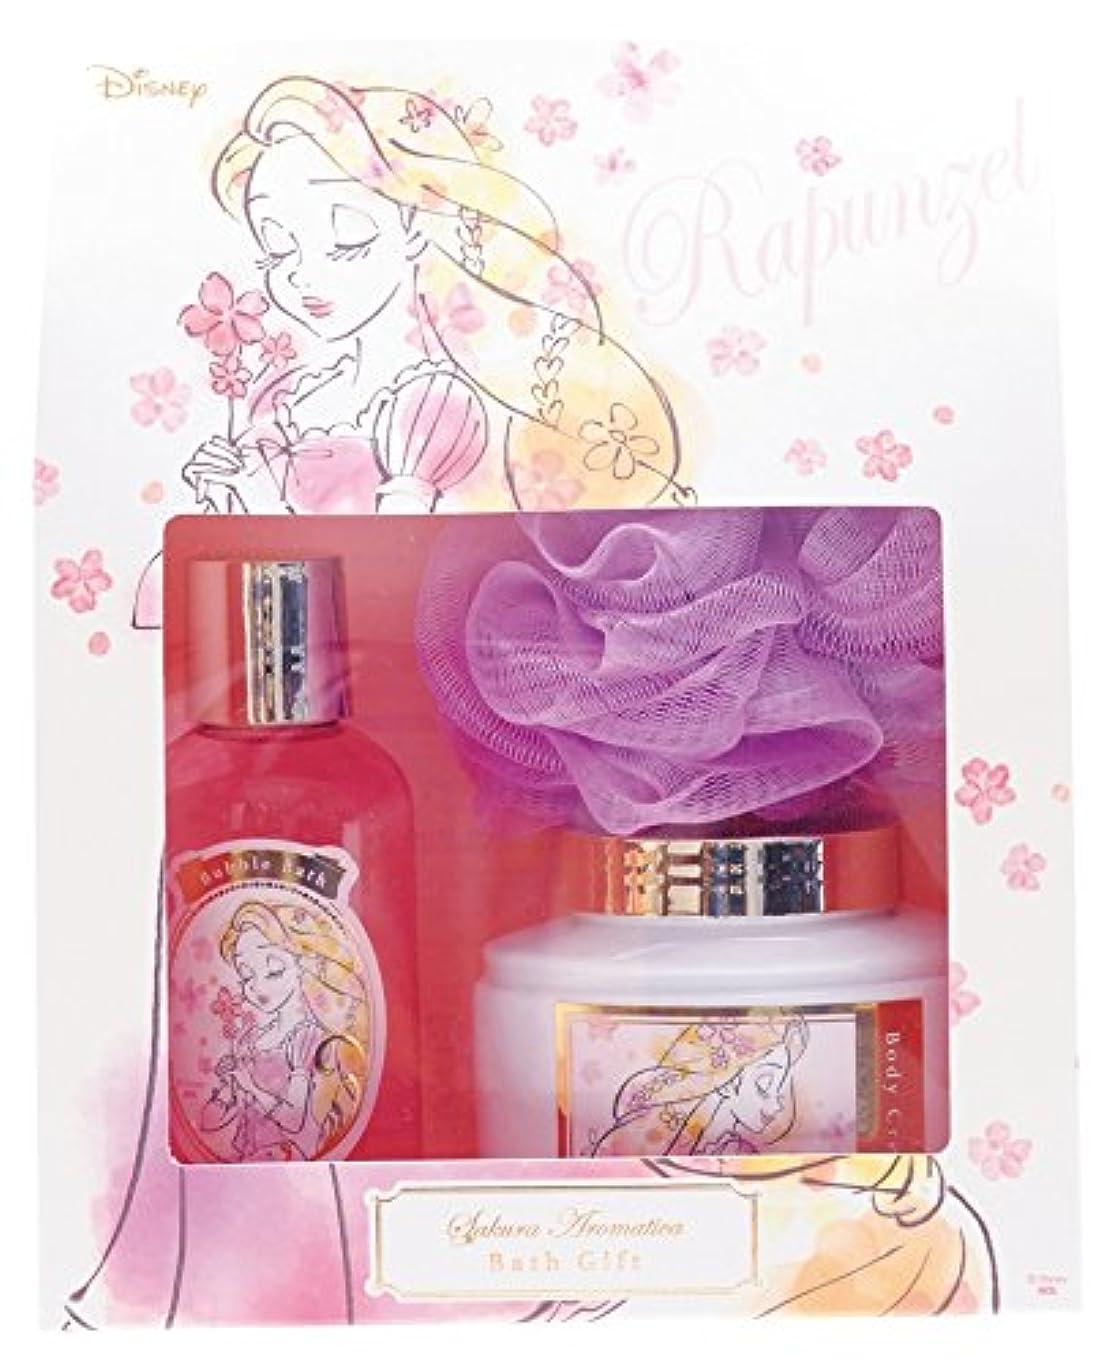 ディズニー 入浴剤 ギフトセット ラプンツェル サクラアロマティカ サクラファンタジア の香り DIT-8-02